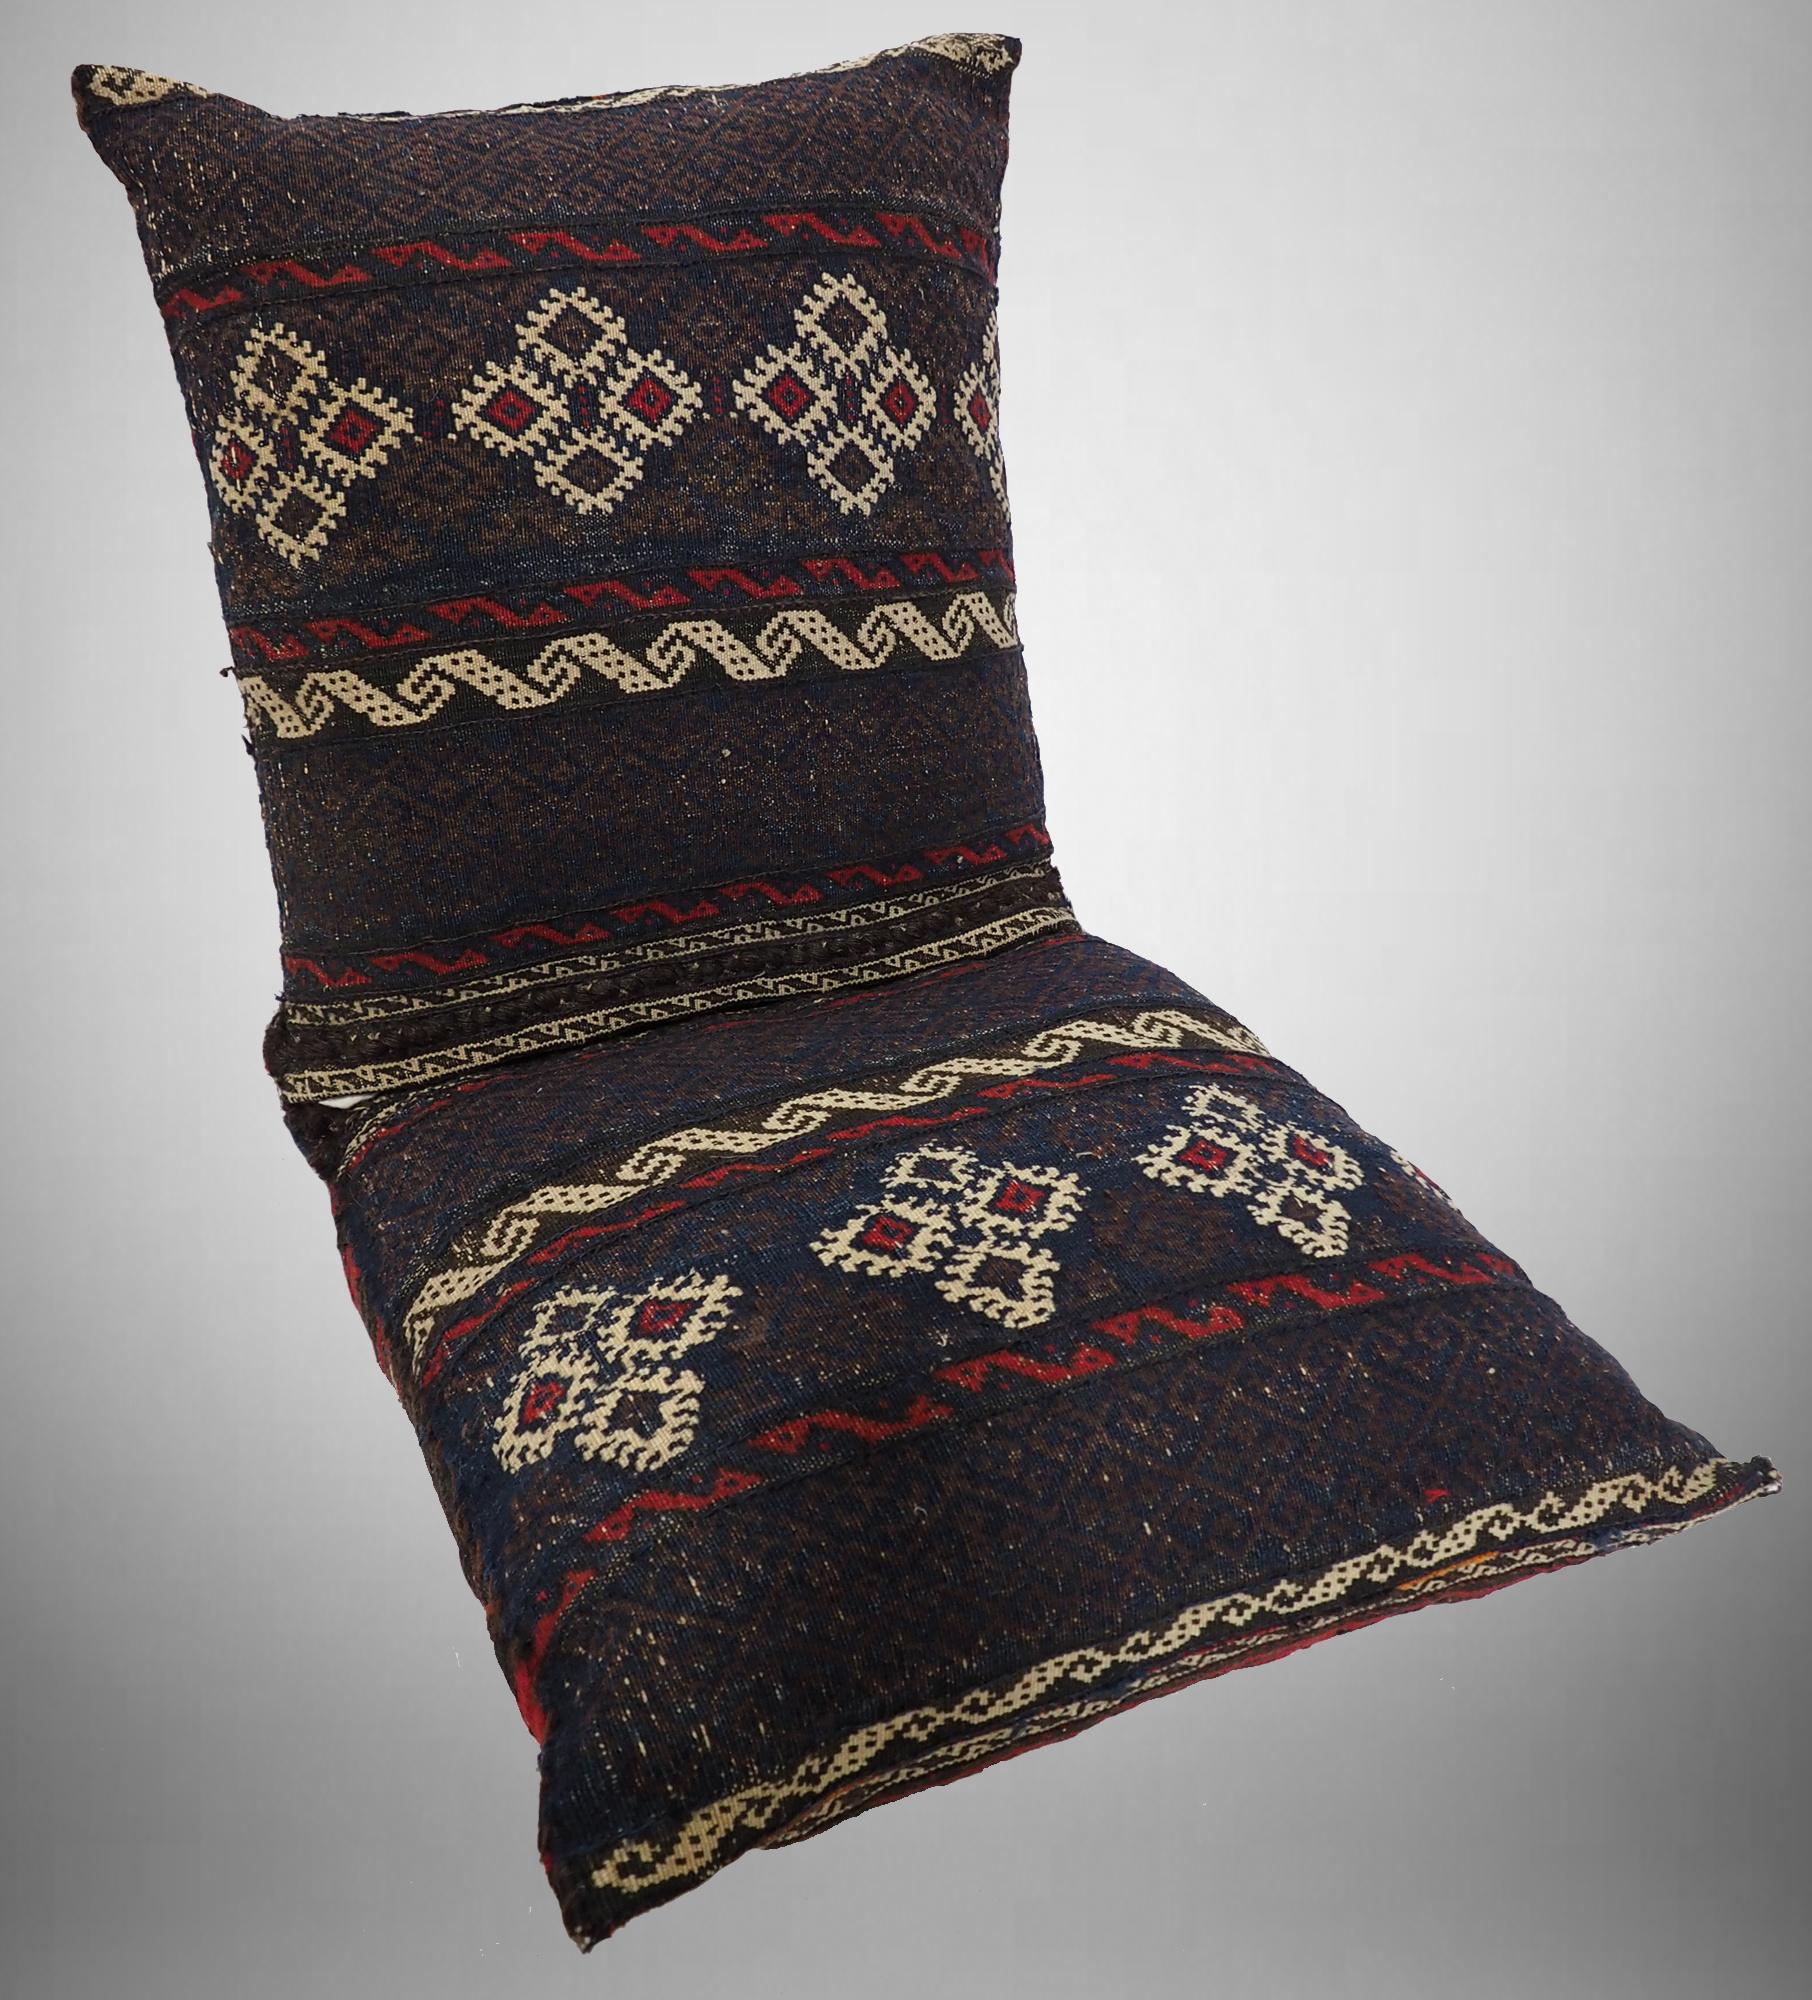 110x50 cm orient BelutschistanTeppich nomaden sitzkissen bodenkissen cushion Doppeltasche Satteltasche (Khorjin) Torba Inkl Füllung 21/11